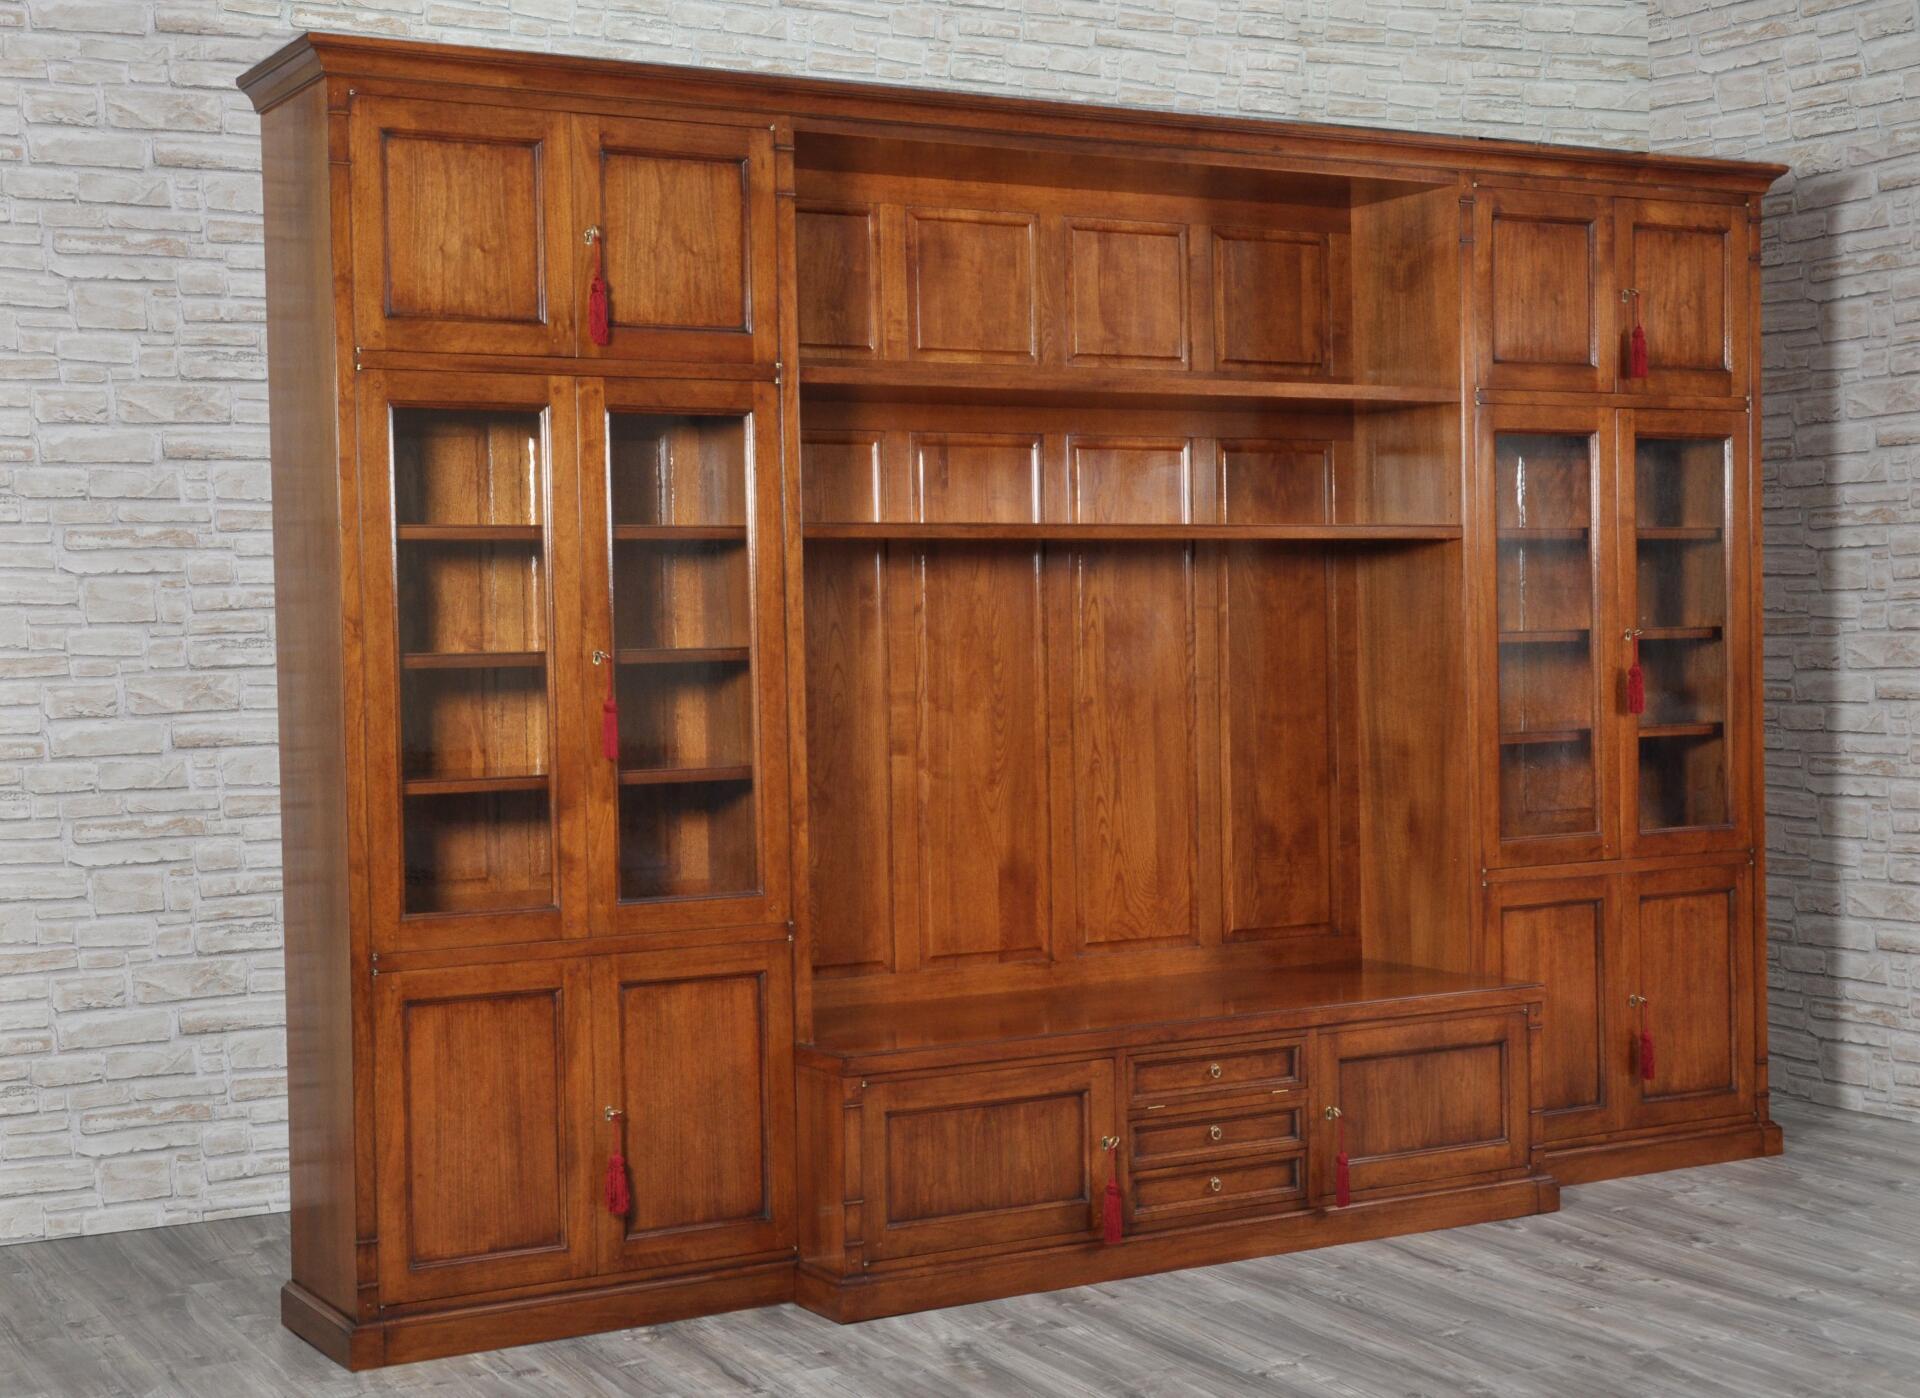 Libreria porta tv di grandi dimensioni costruita in stile for Piani di libreria stile artigiano